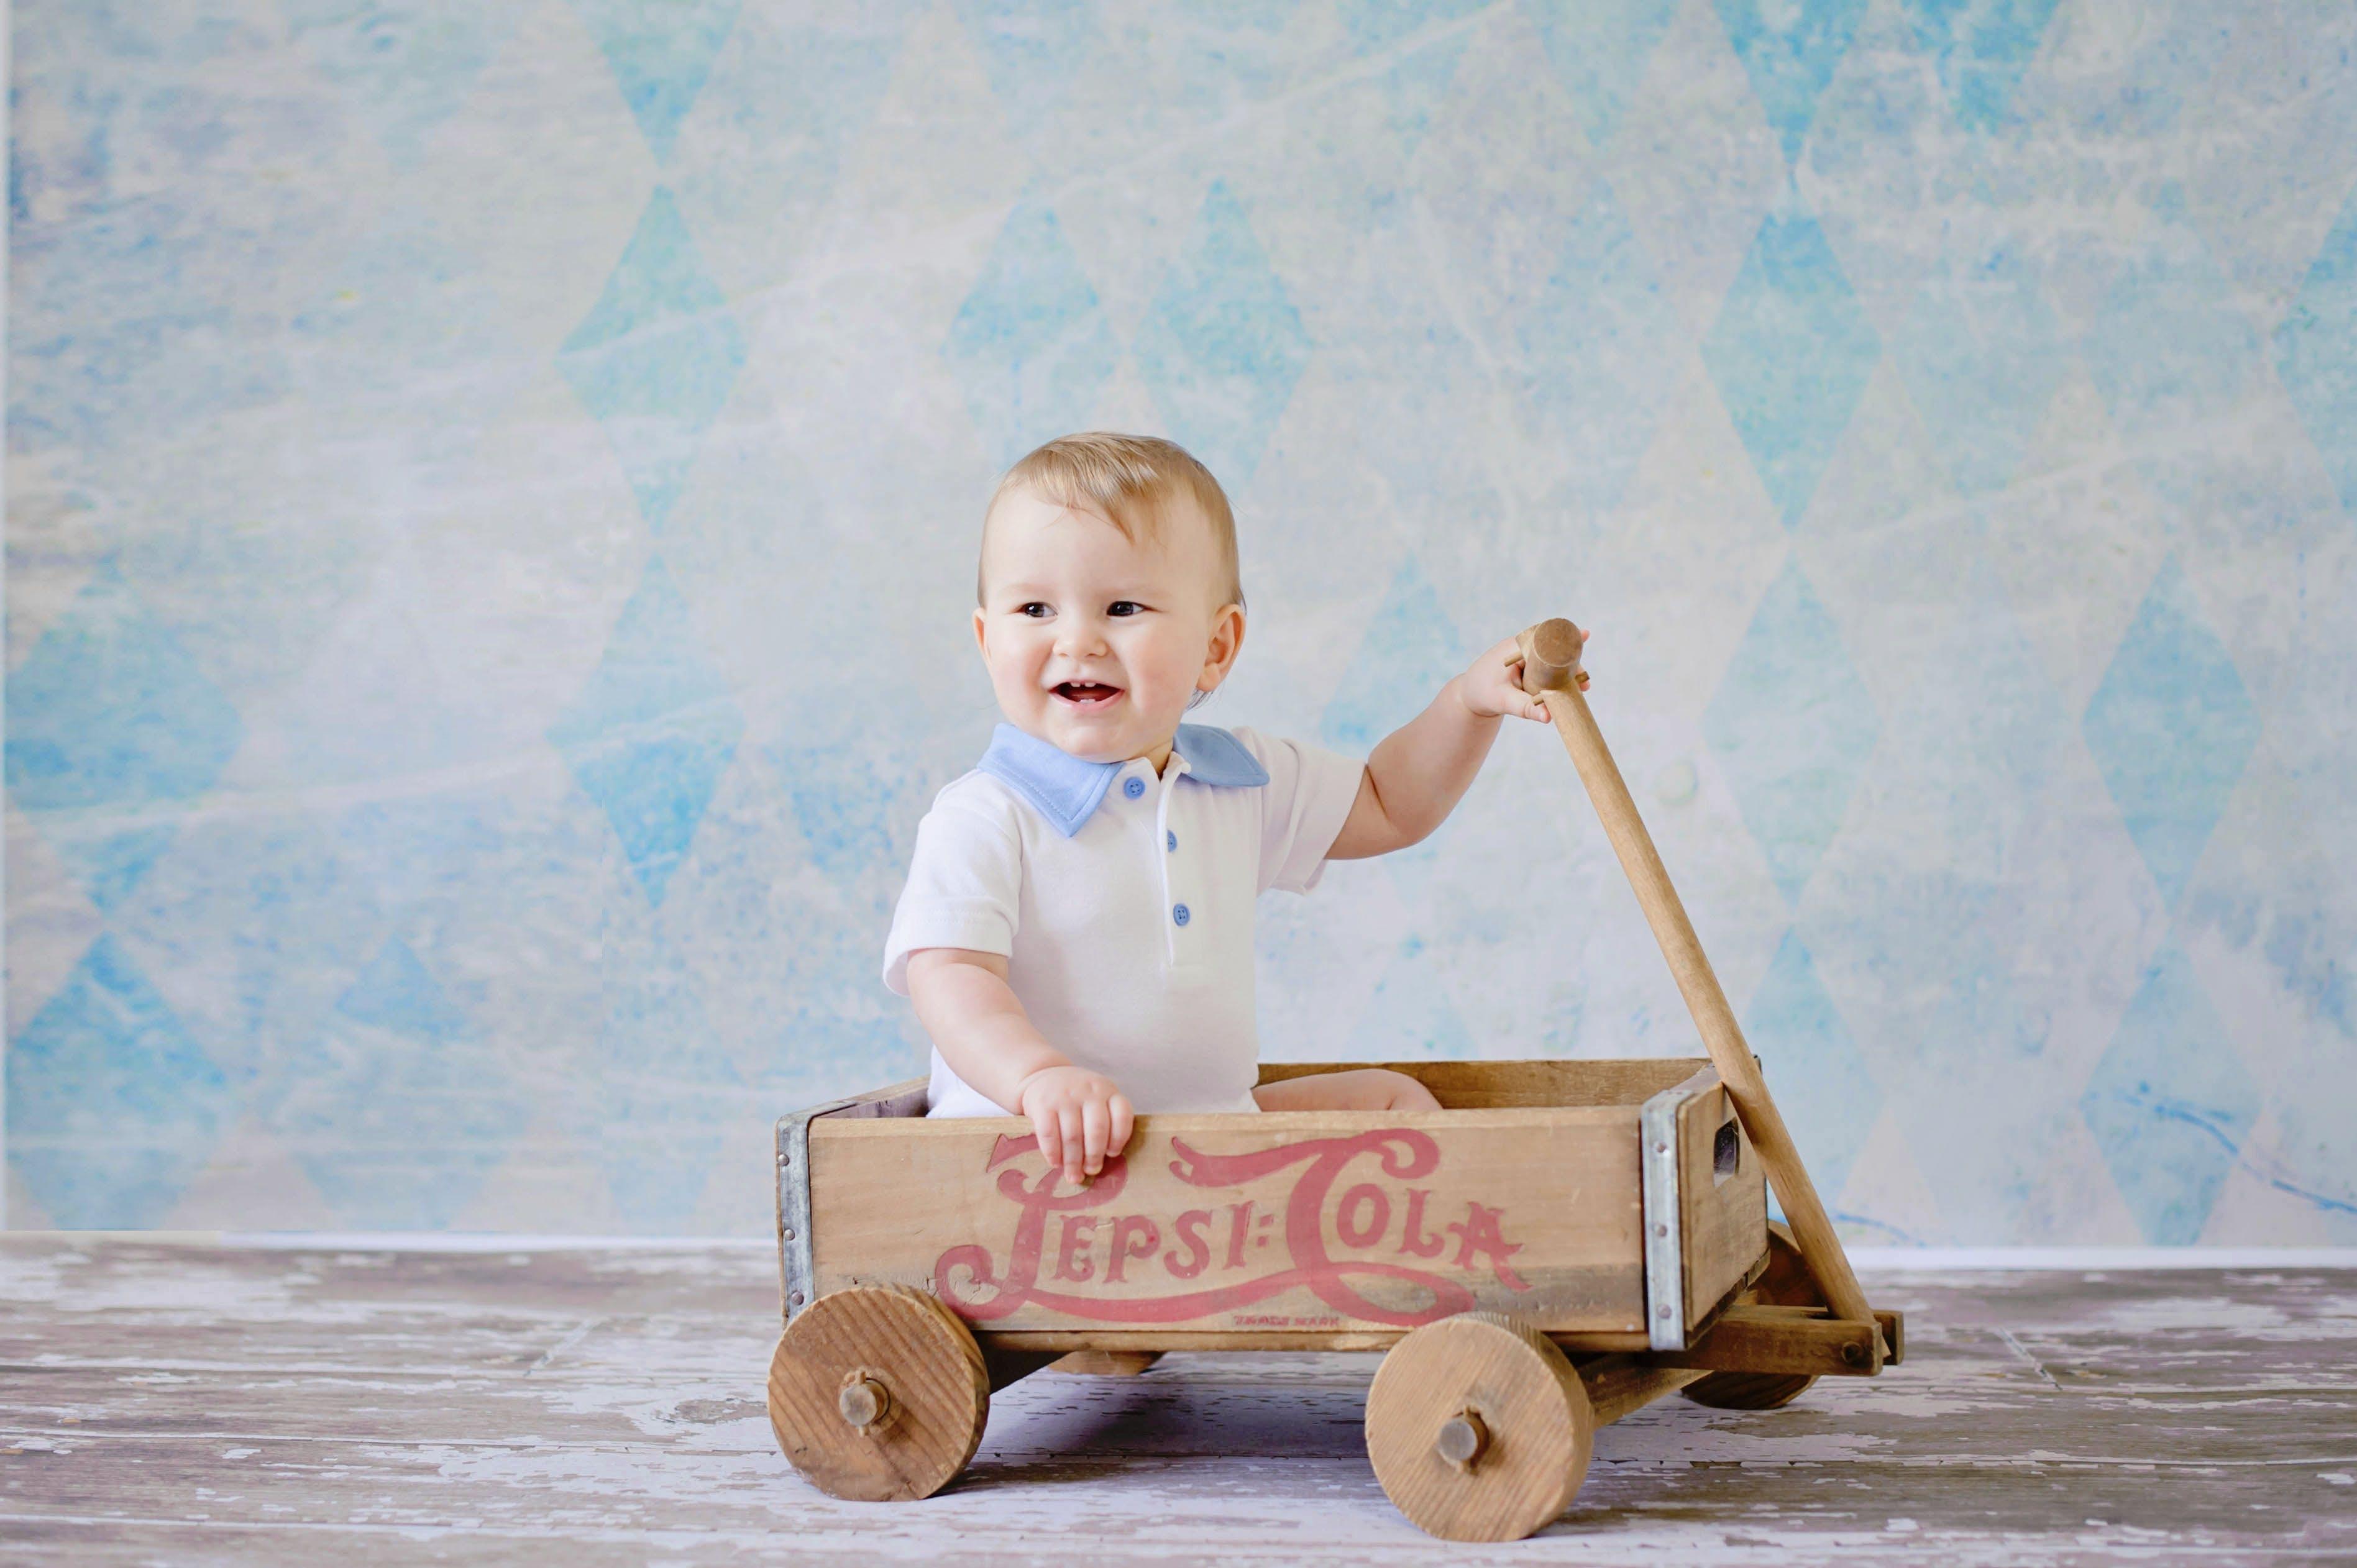 Free stock photo of cute, sweet, child, fun